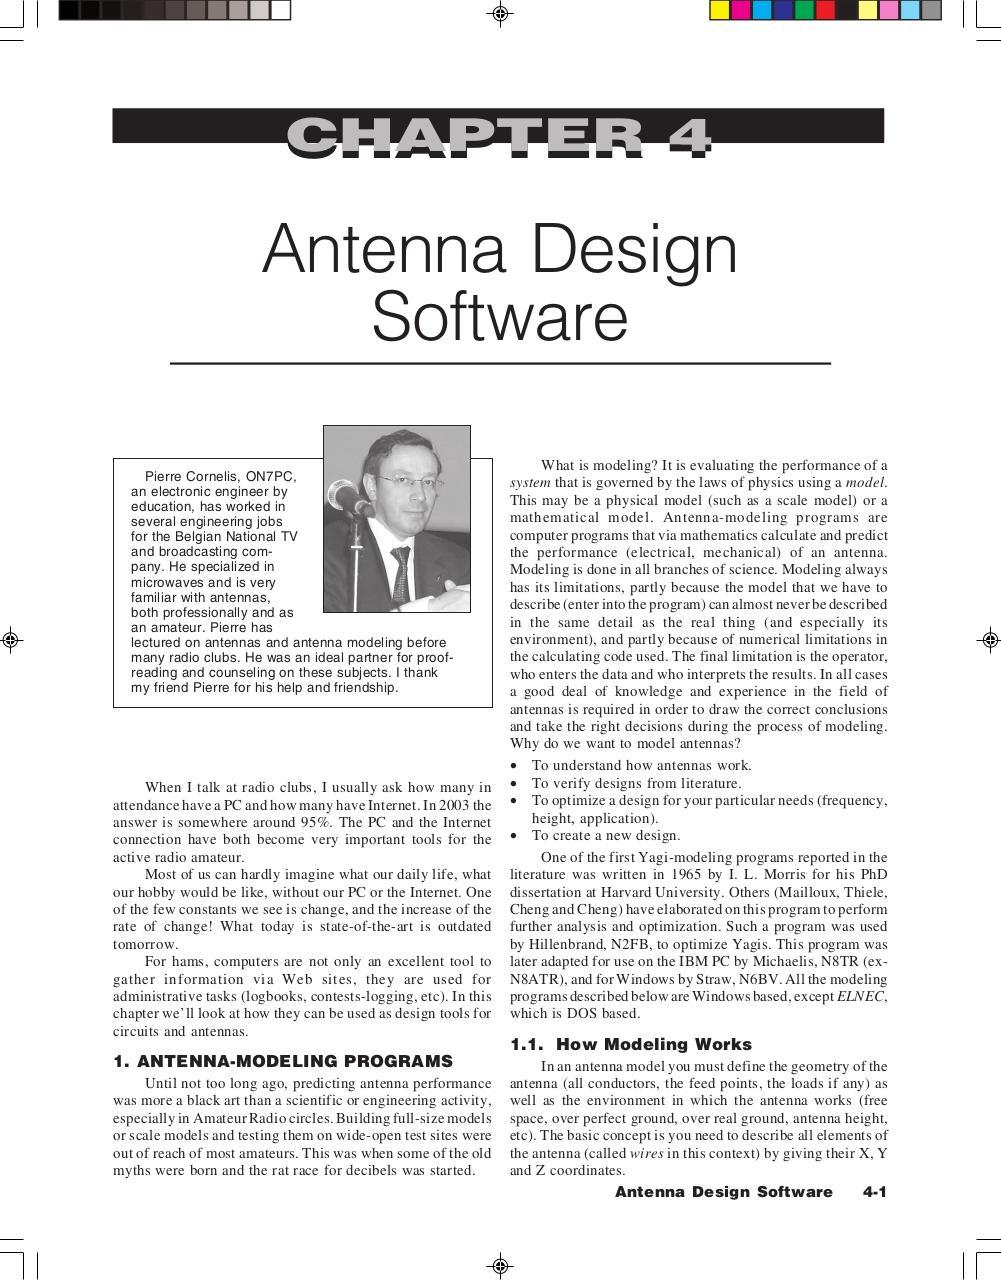 Chapter 4—Antenna Design Software par ARRL - 04 pdf